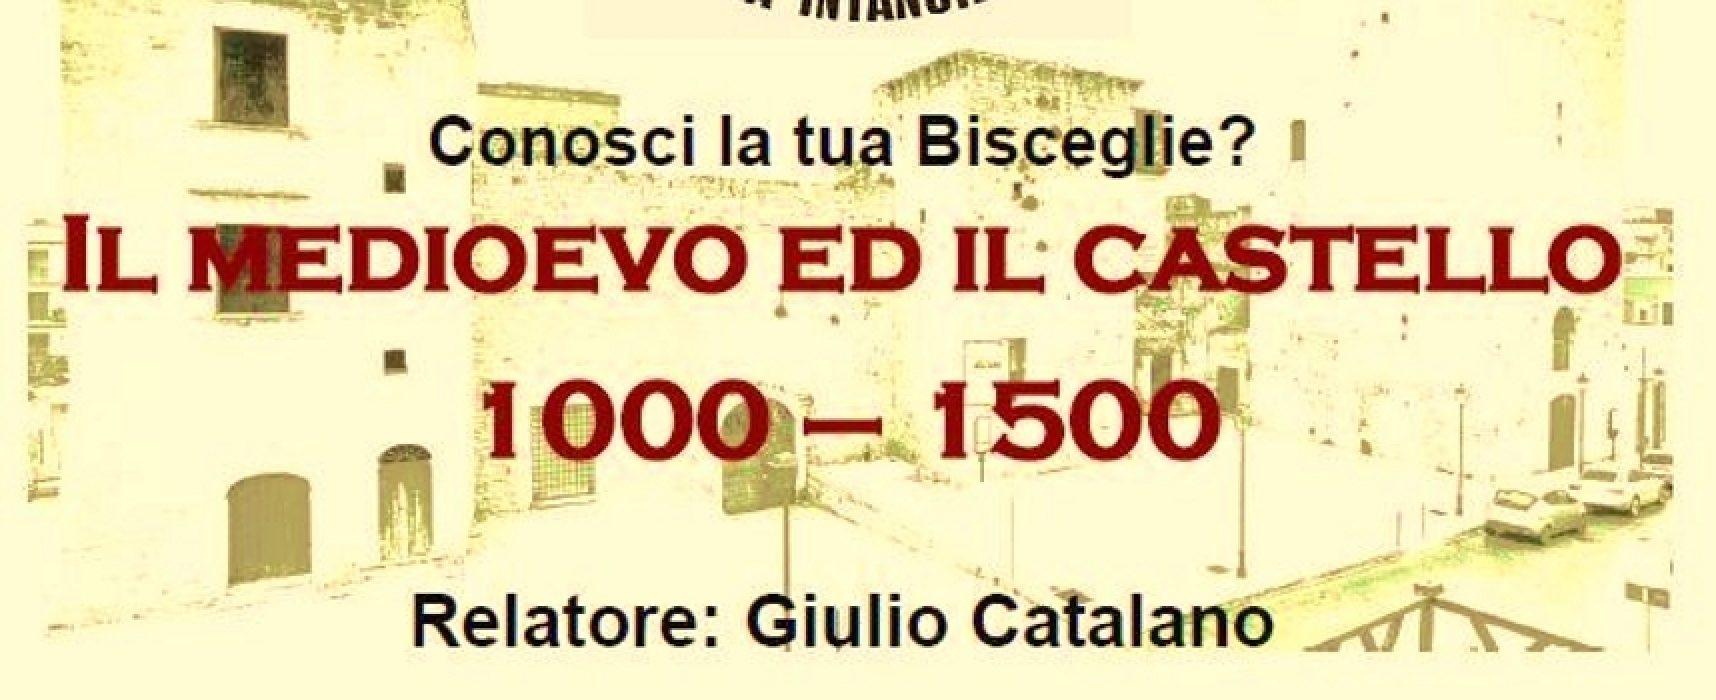 """Stasera incontro-dibattito, """"Conosci la tua città? Il medioevo ed il castello 1000-1500"""""""